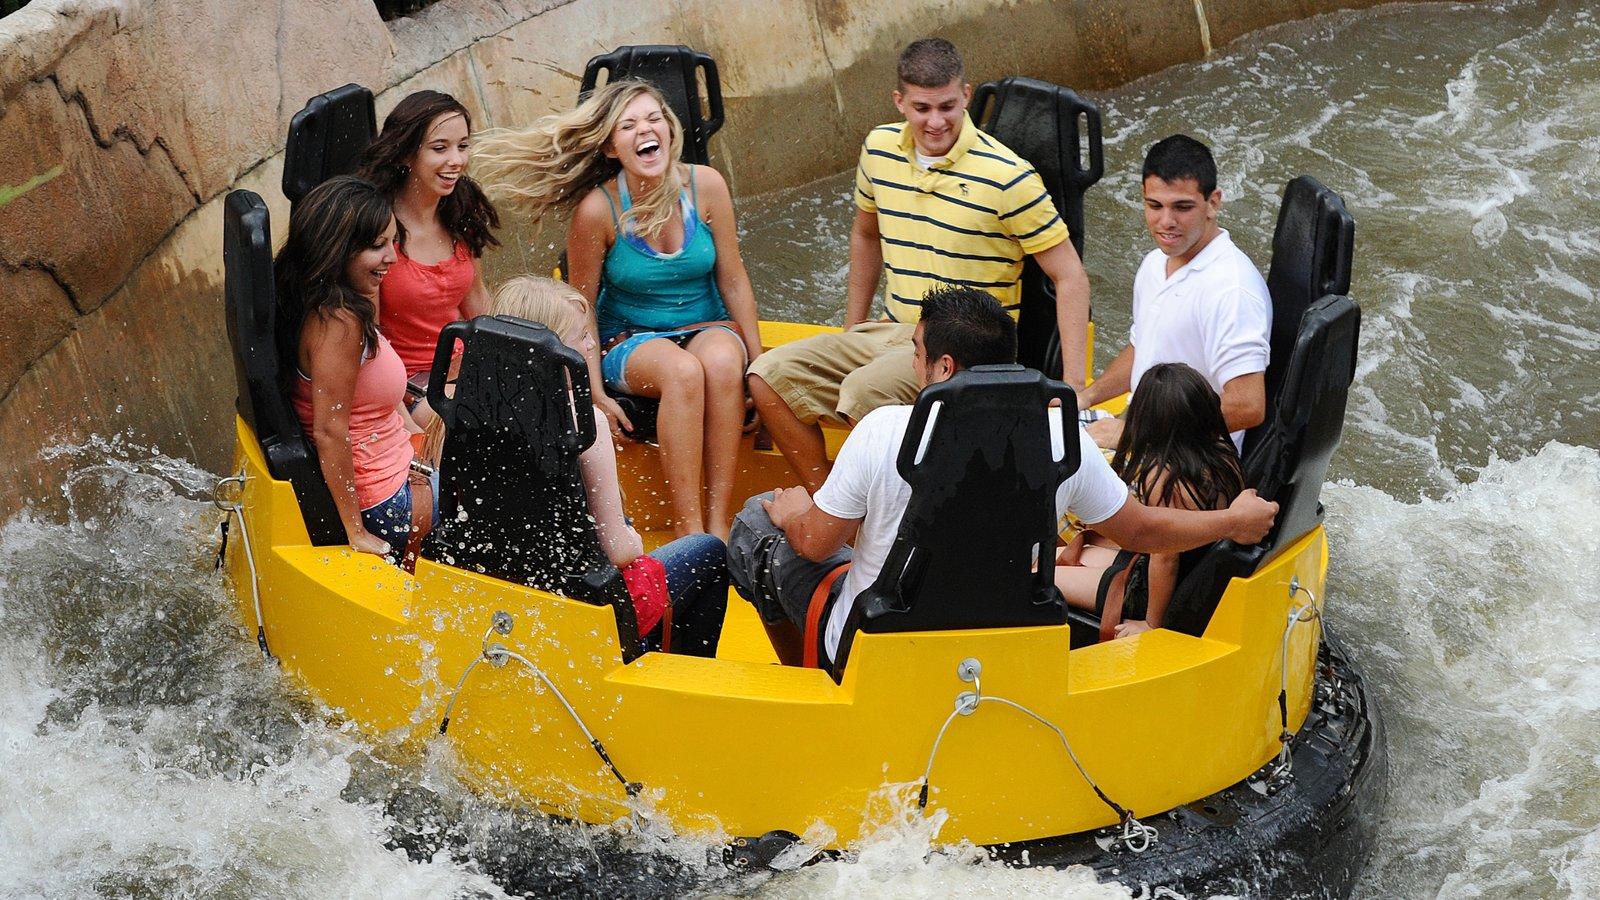 Elitch Gardens Theme Park mostrando passeios e um parque aquático